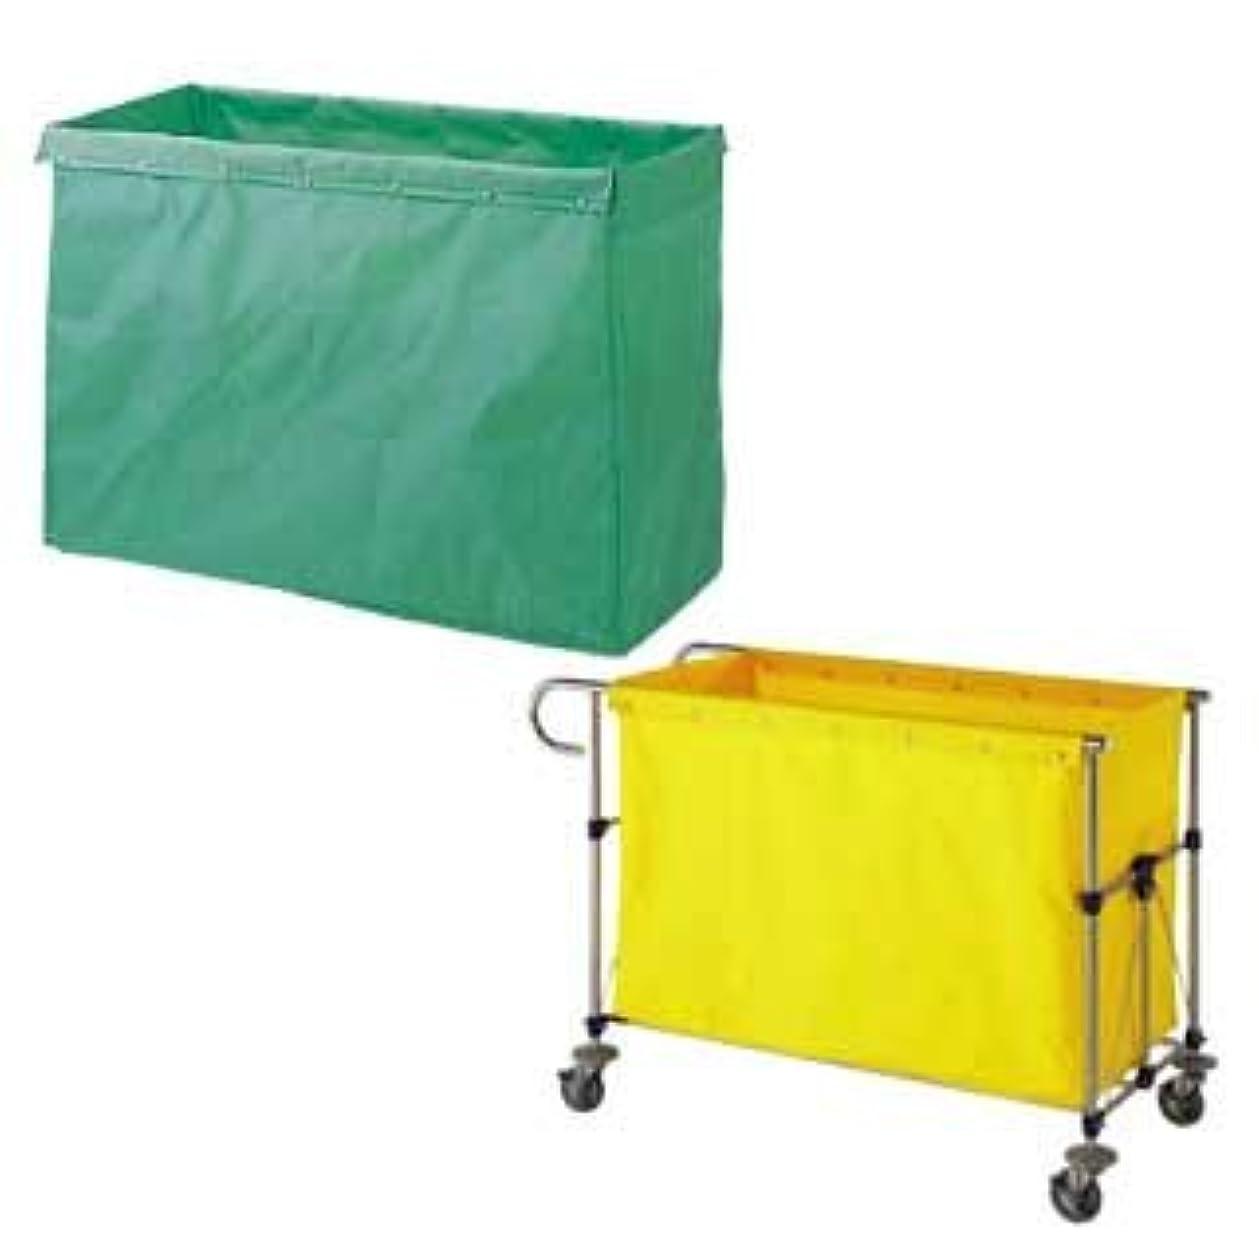 交じる放射するきらきら山崎産業 清掃用品 リサイクル用システムカート 360L収納袋 グリーン